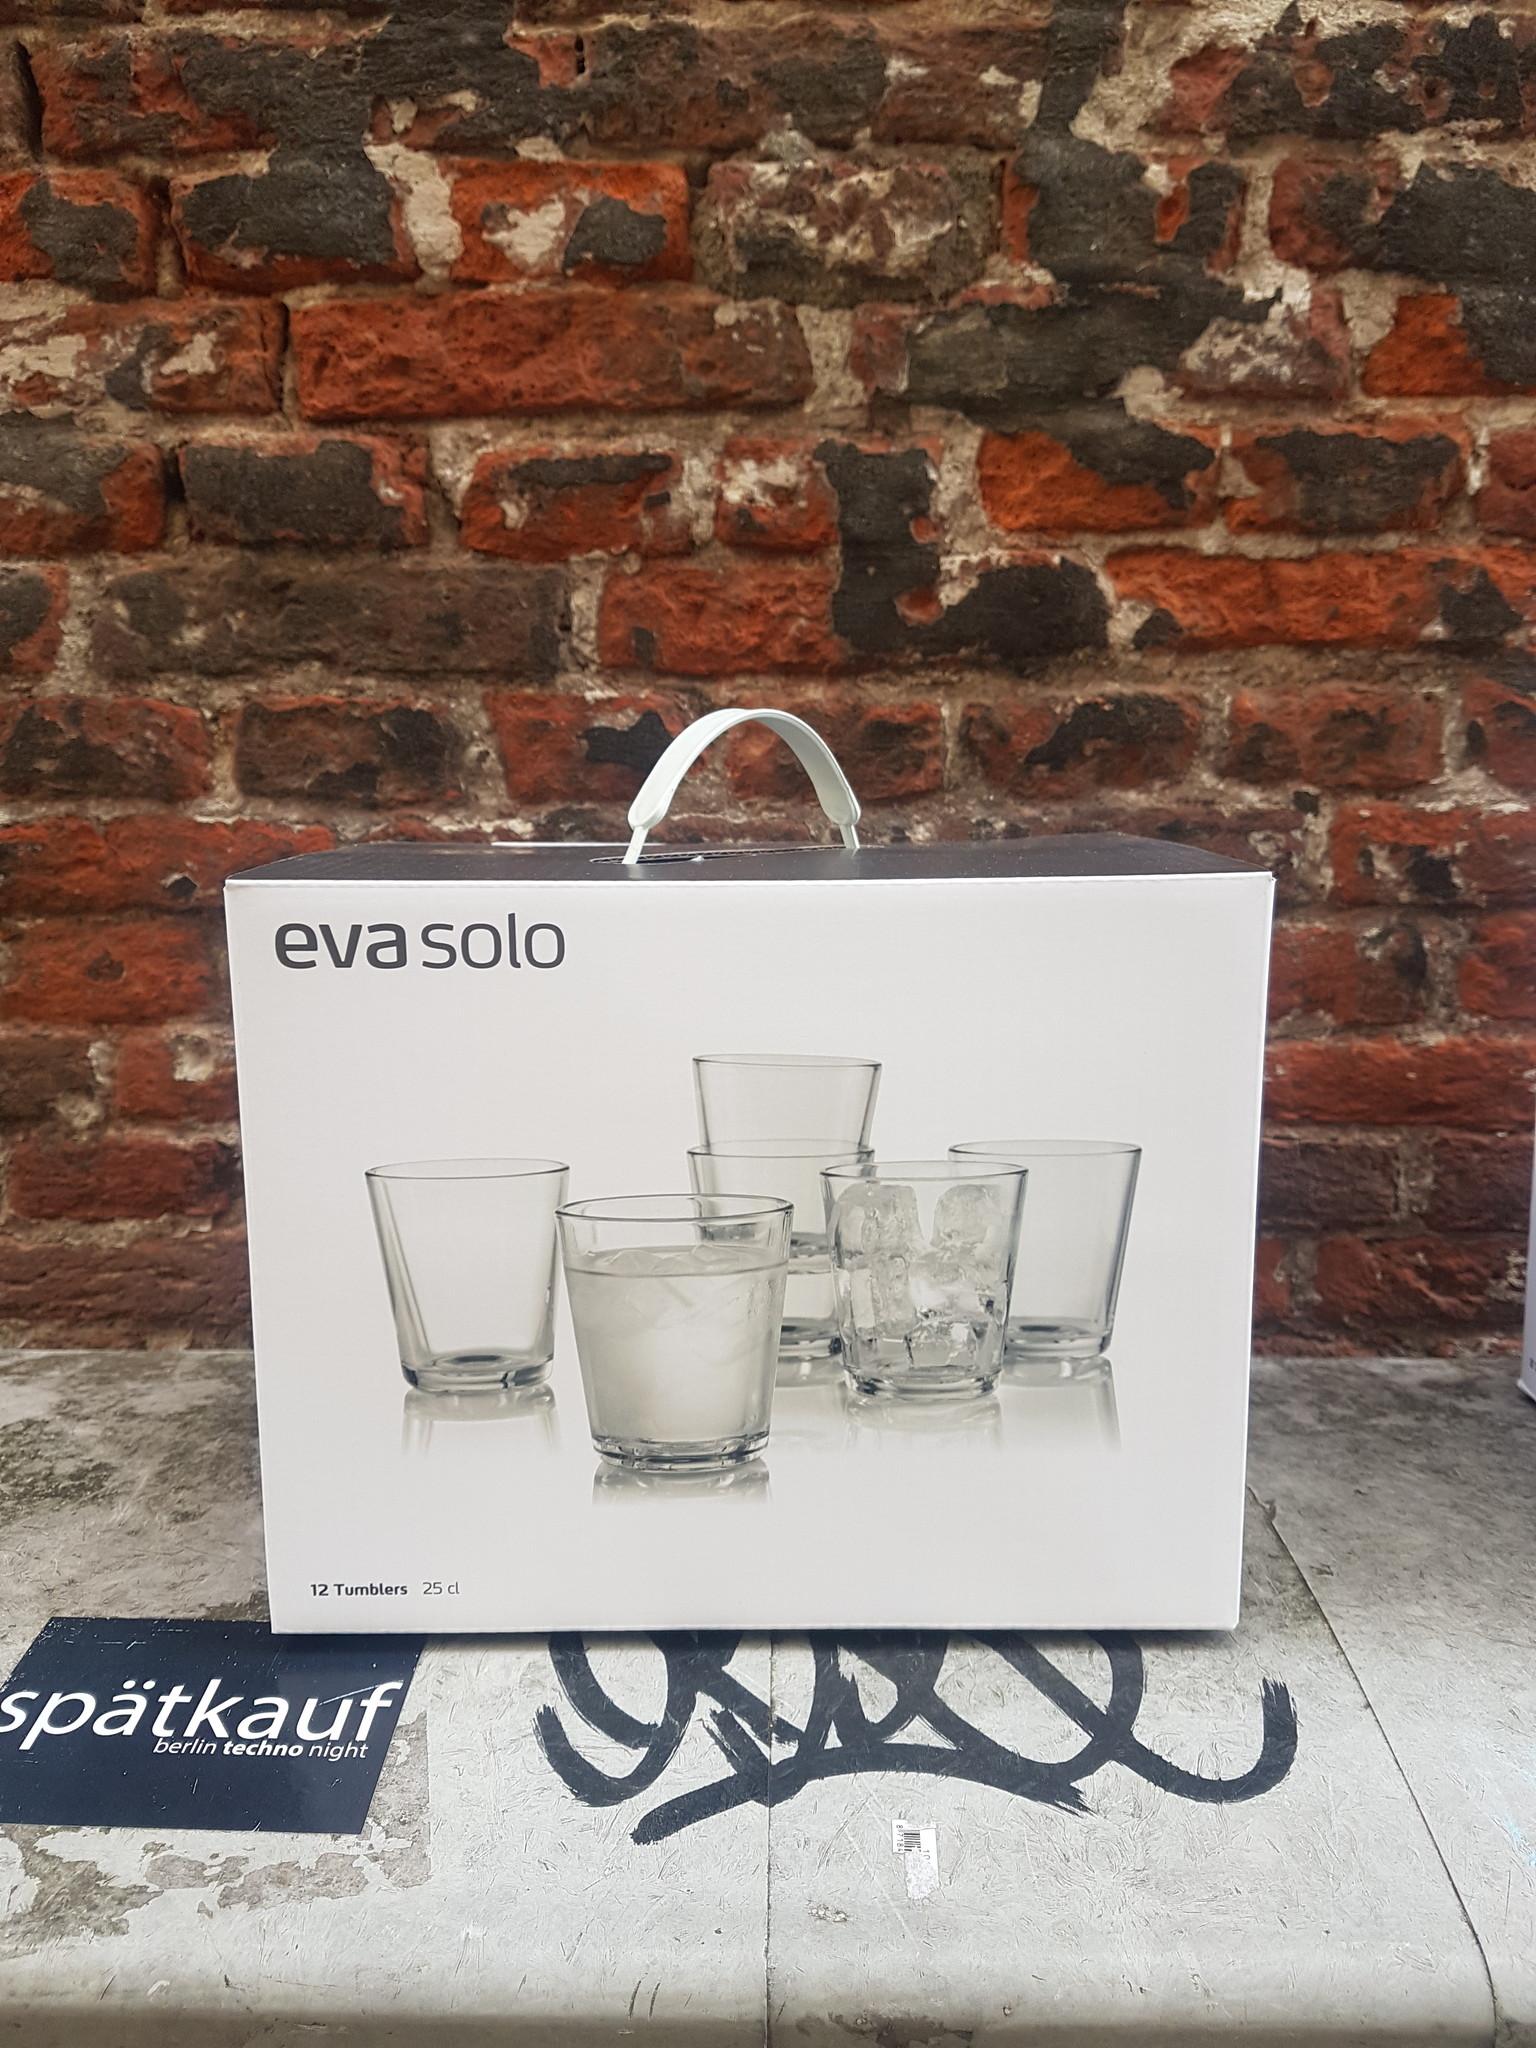 Welkom terug Eva Solo